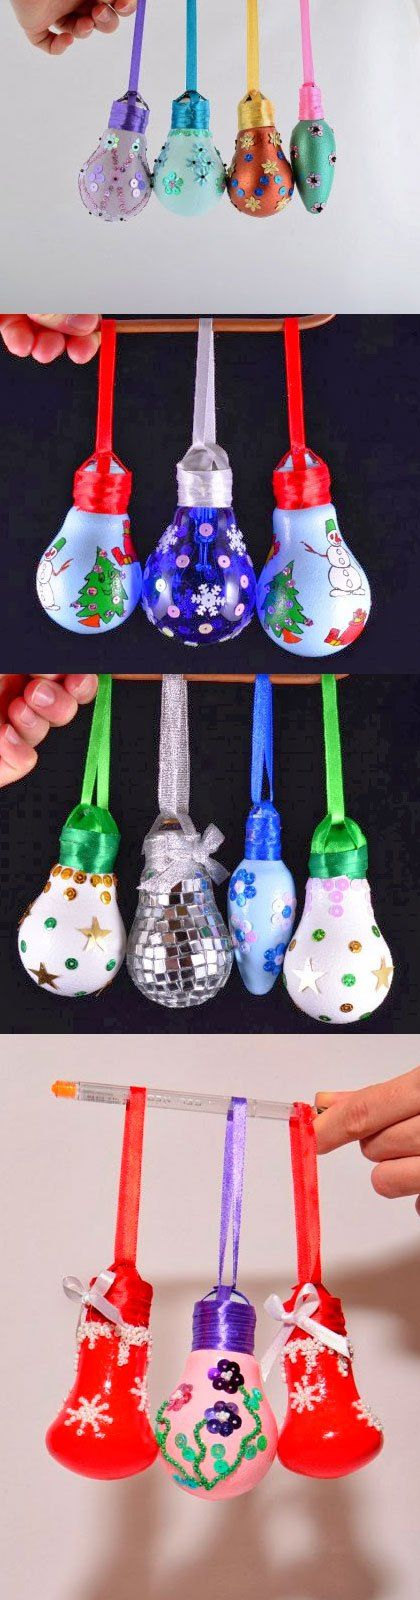 Veja nossa seleção e dicas para fazer enfeites de Natal com material reciclável e deixe a sua casa linda para o Natal e festas!